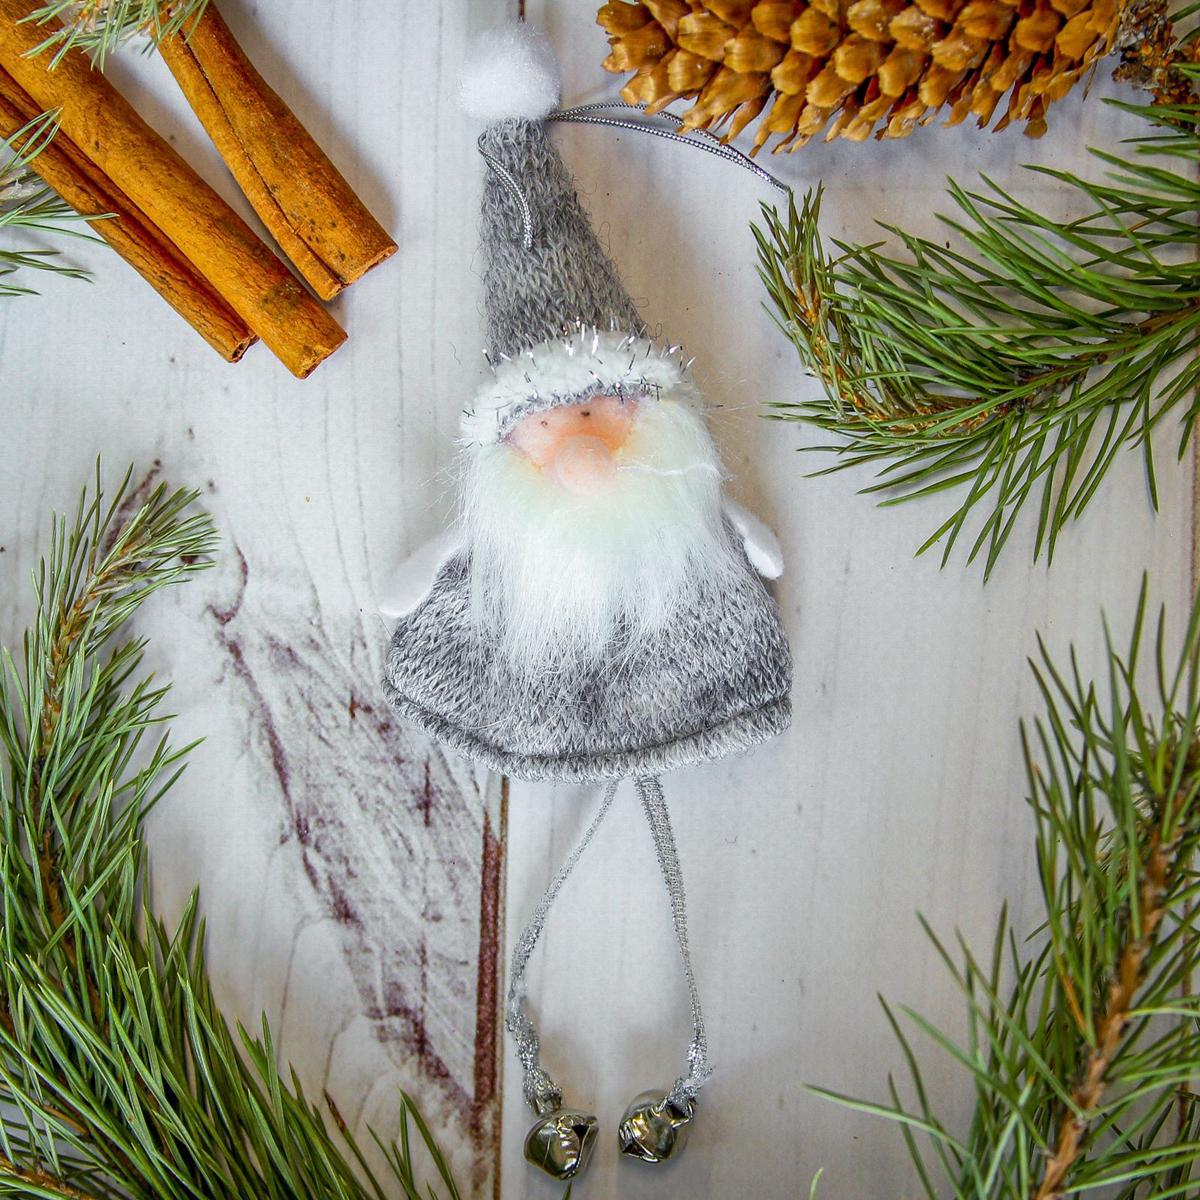 Новогоднее украшение ручной работы отлично подойдет для декорации вашего дома и новогодней ели. С помощью специальной петельки украшение можно повесить в любом понравившемся вам месте. Но, конечно, удачнее всего оно будет смотреться на праздничной елке.  Елочная игрушка - символ Нового года. Она несет в себе волшебство и красоту праздника. Такое украшение создаст в вашем доме атмосферу праздника, веселья и радости.